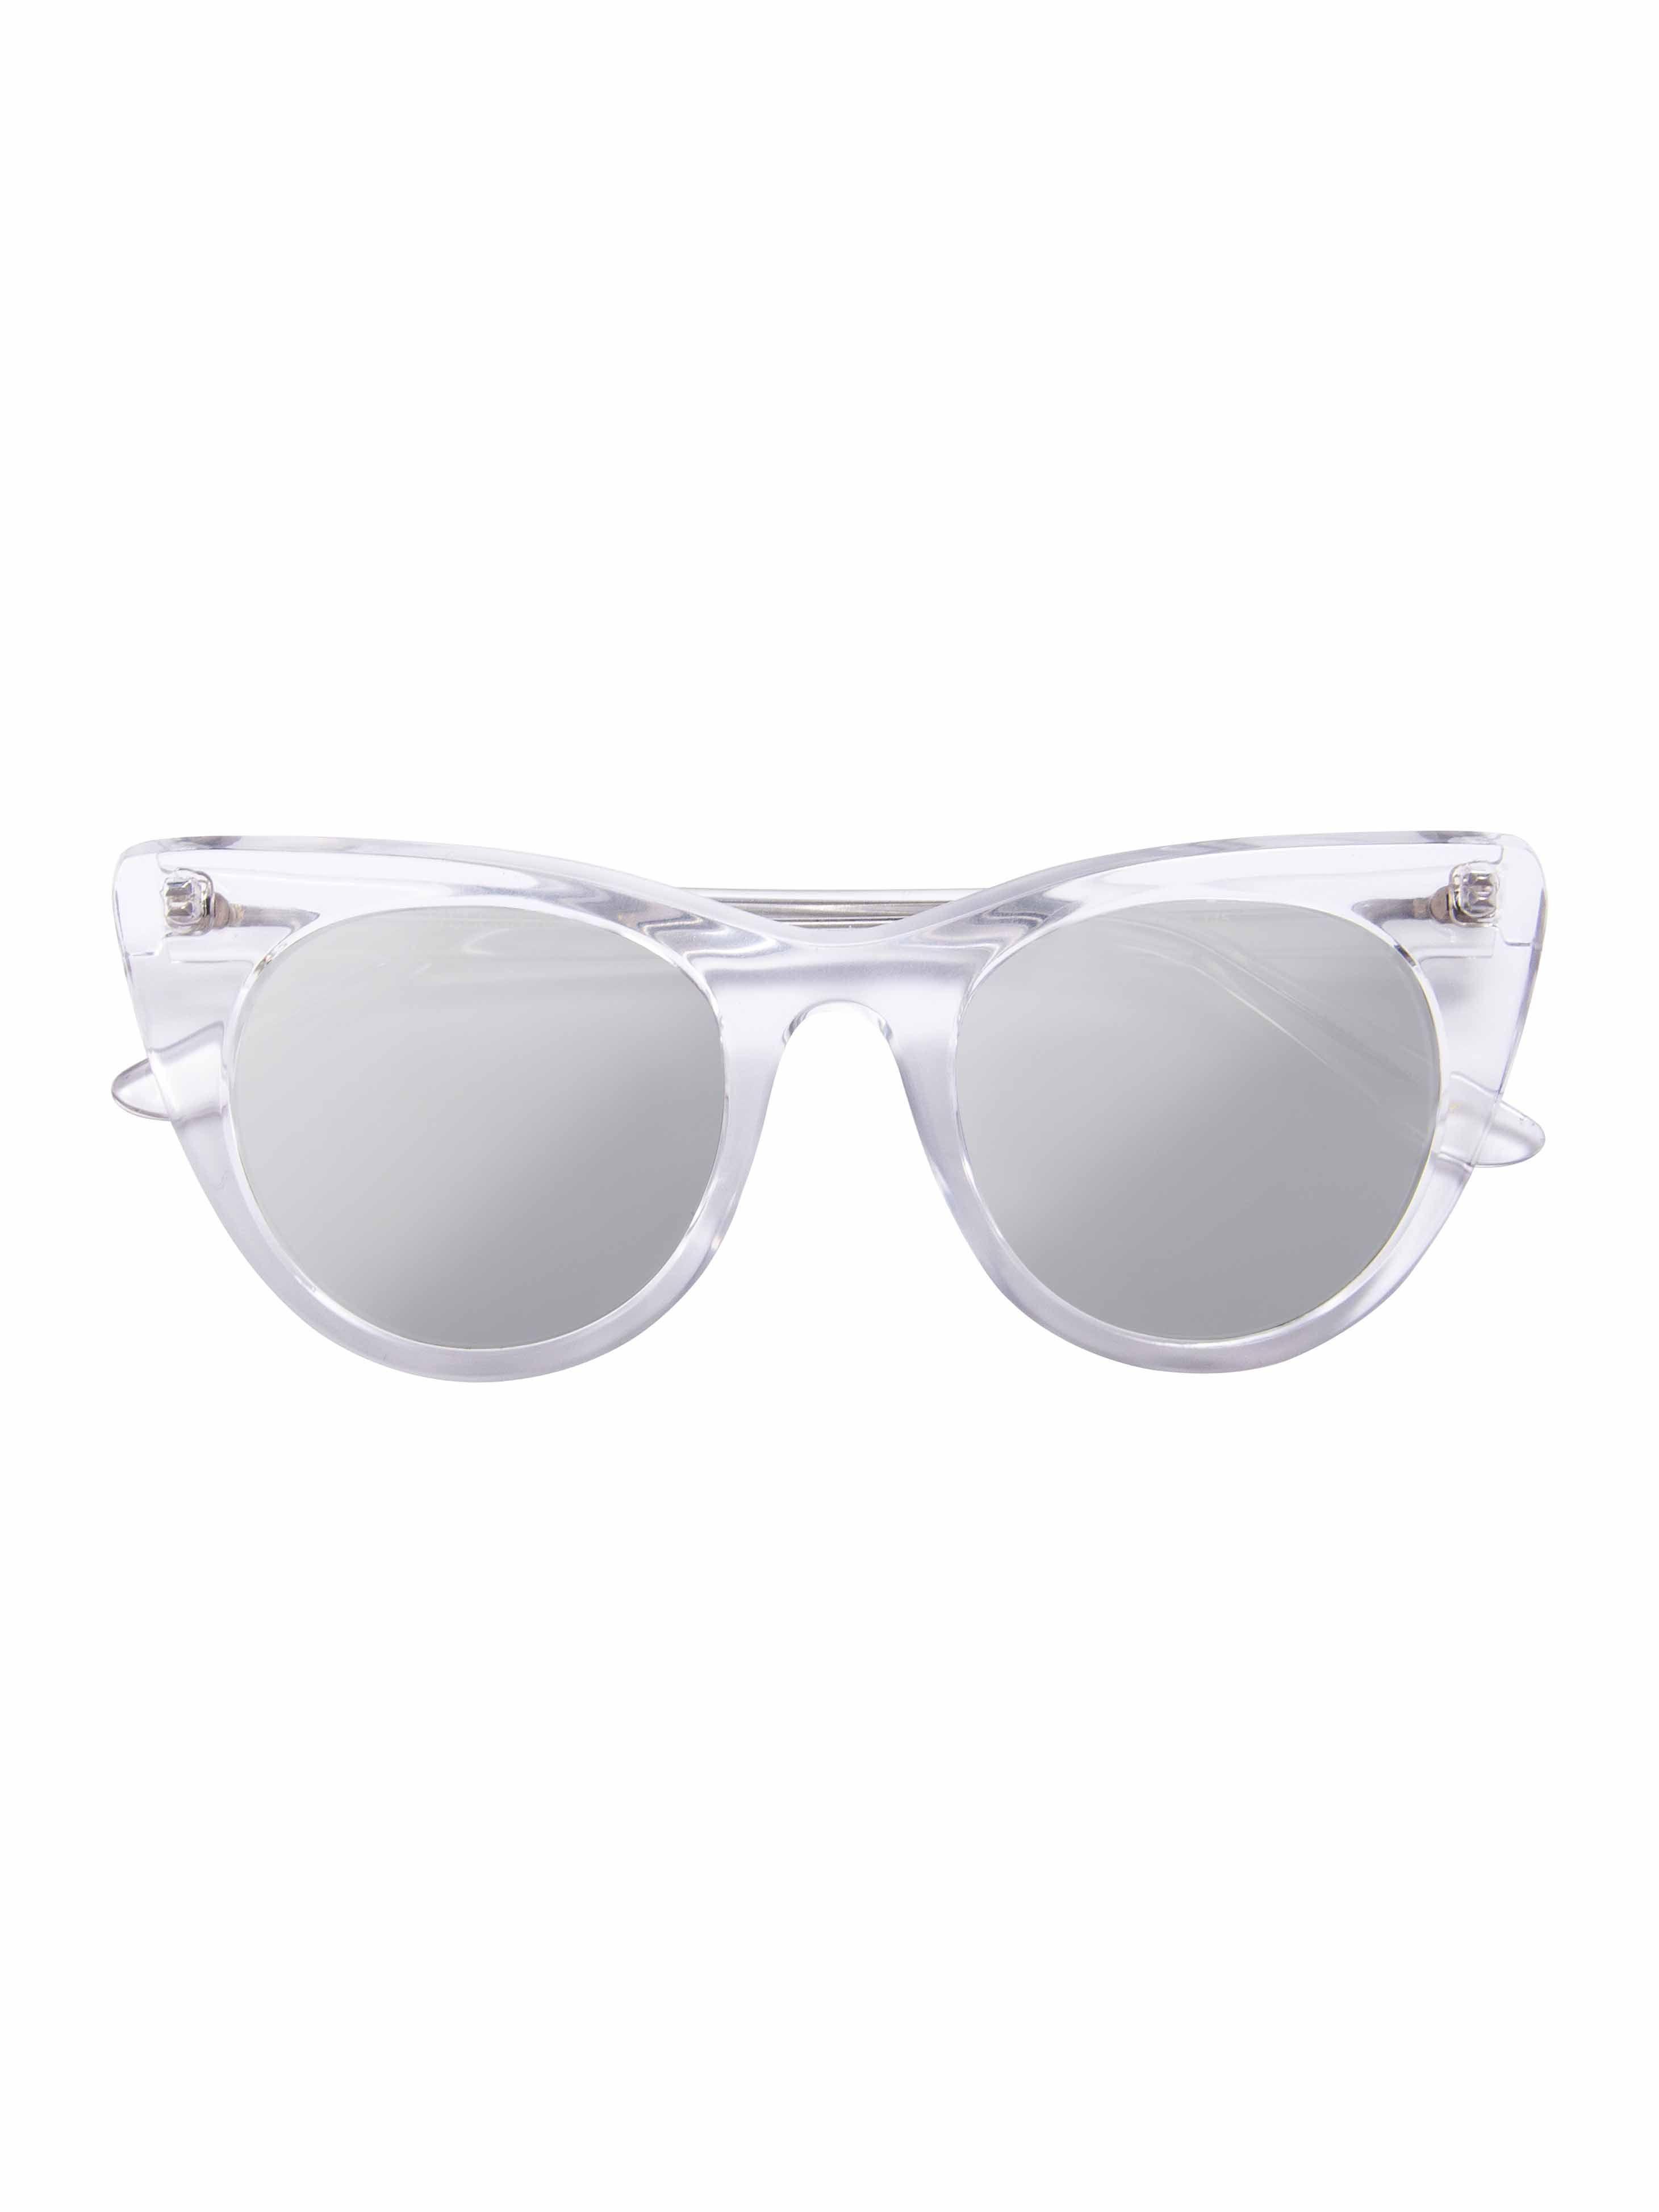 745fd9ab340dd Óculos Doshow Transparente Lente Prata   Óculos Helena Bordon Doshow Transparente  Lente Prata Material da armação